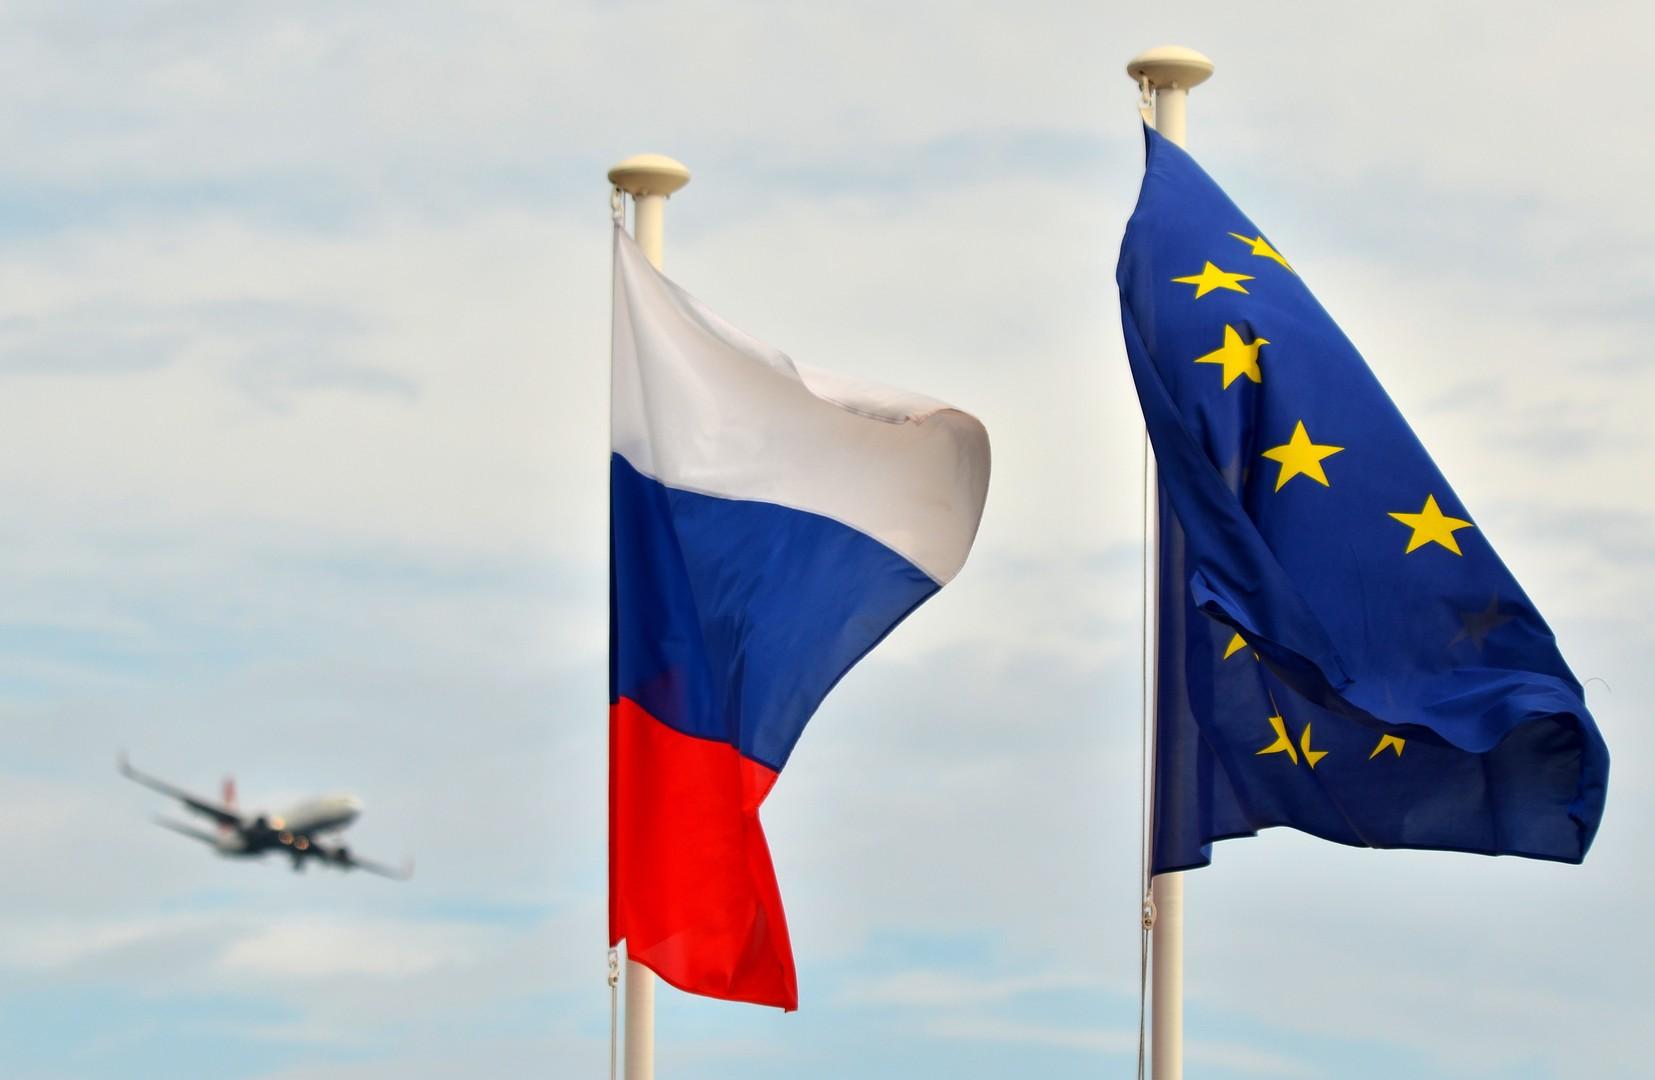 Доклад: потери от экспорта для Запада из-за антироссийских санкций составили $60,2 млрд